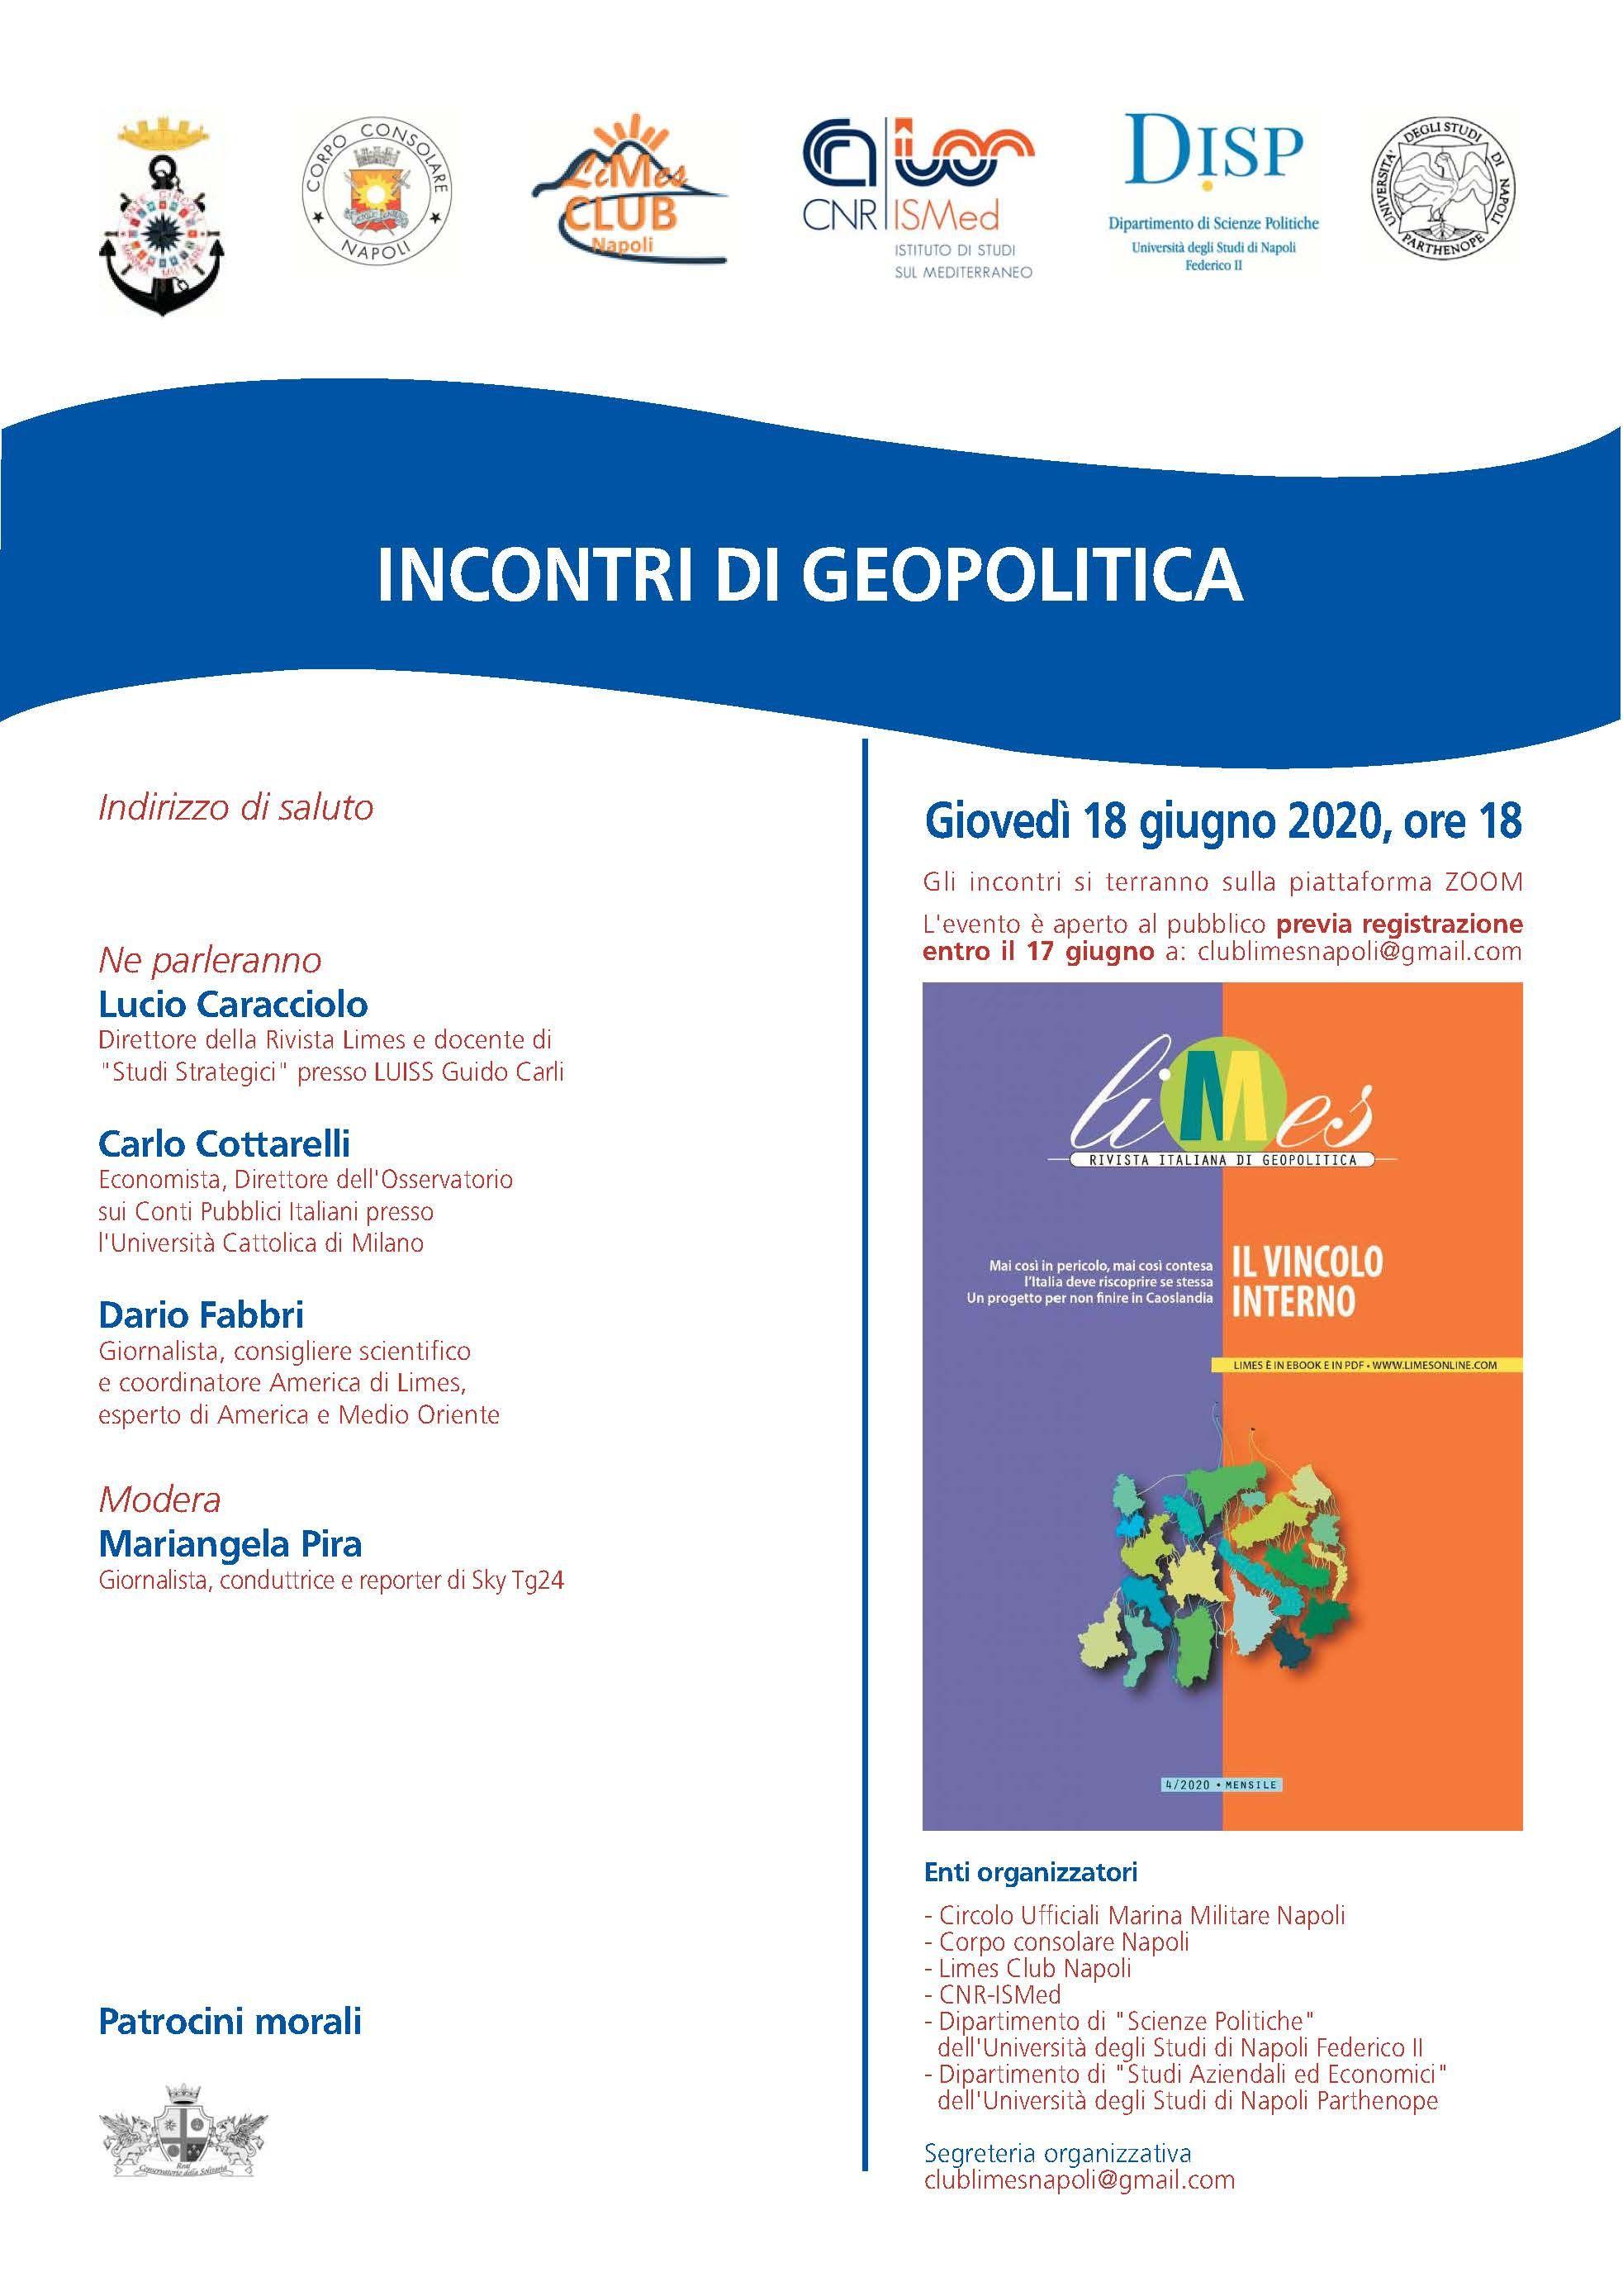 LOCANDINA_INCONTRI_DI_GEOPOLITICA_Il_vinvolo_interno_18GIUGNO2020